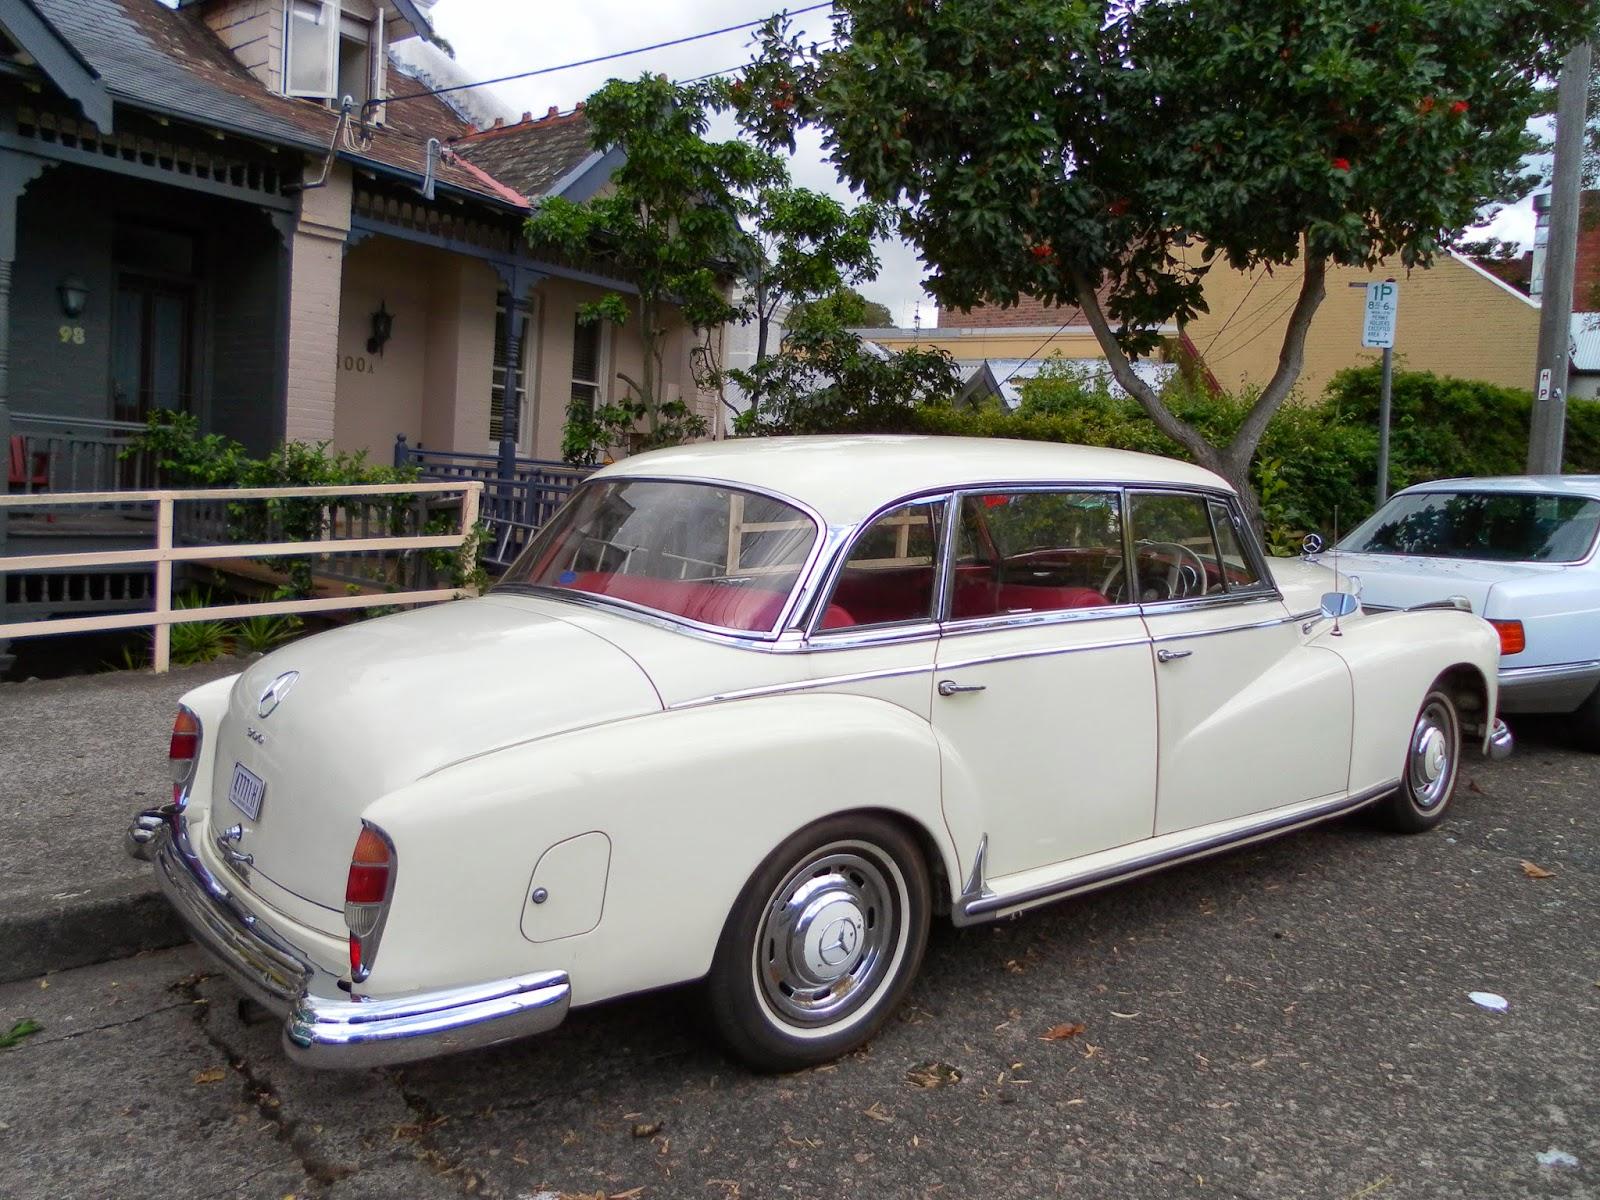 Aussie Old Parked Cars 1960 Mercedes Benz W189 Type 300d